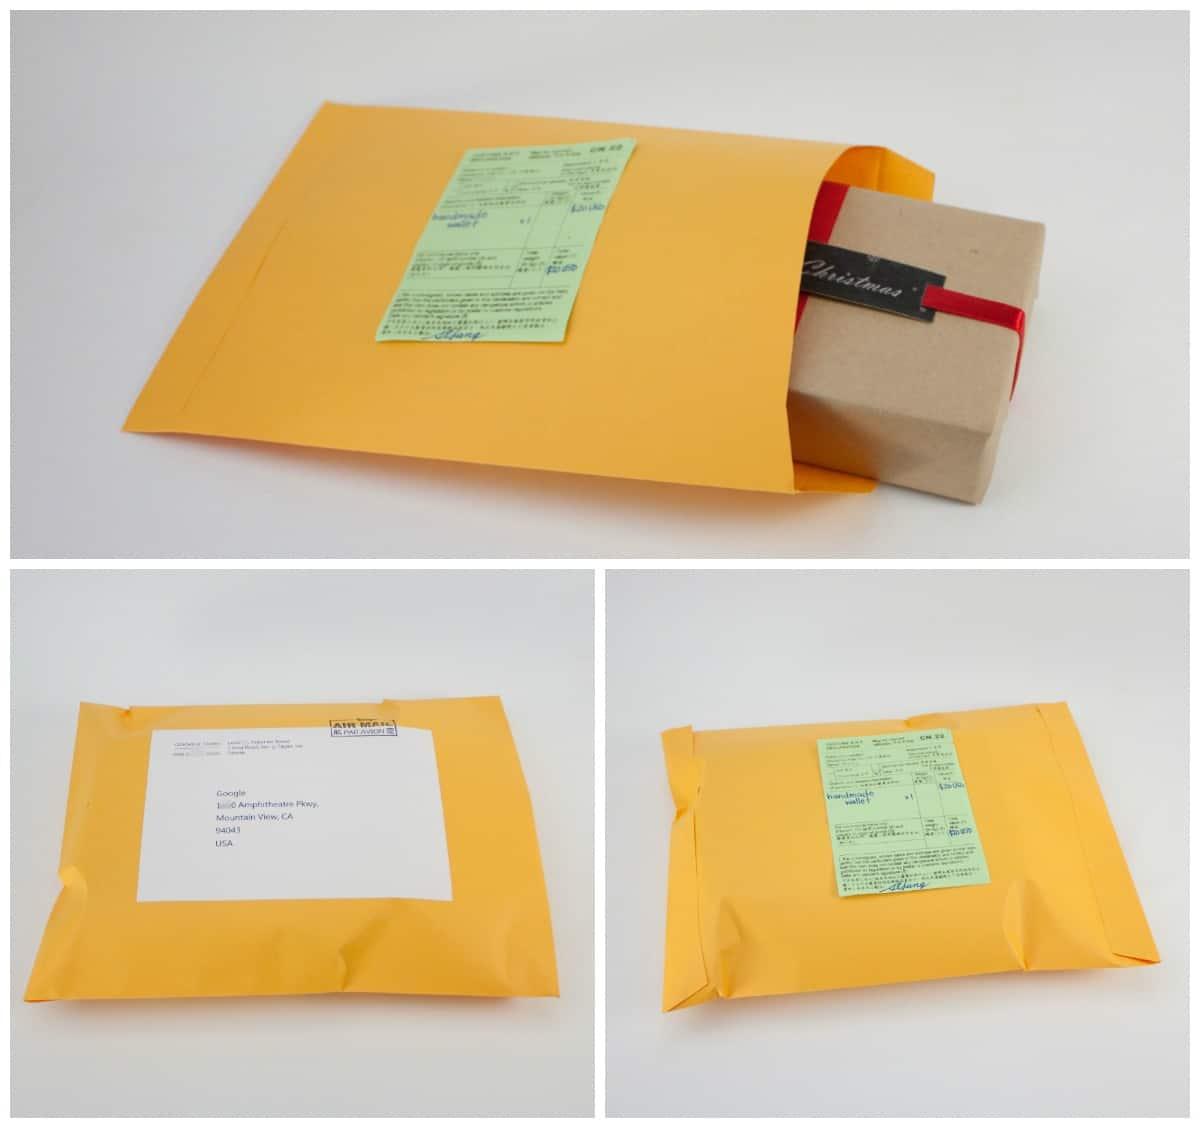 (分享) 從臺灣寄 國際郵件 / 國際小包裹 書寫與寄送方式 | 歐的樂星球